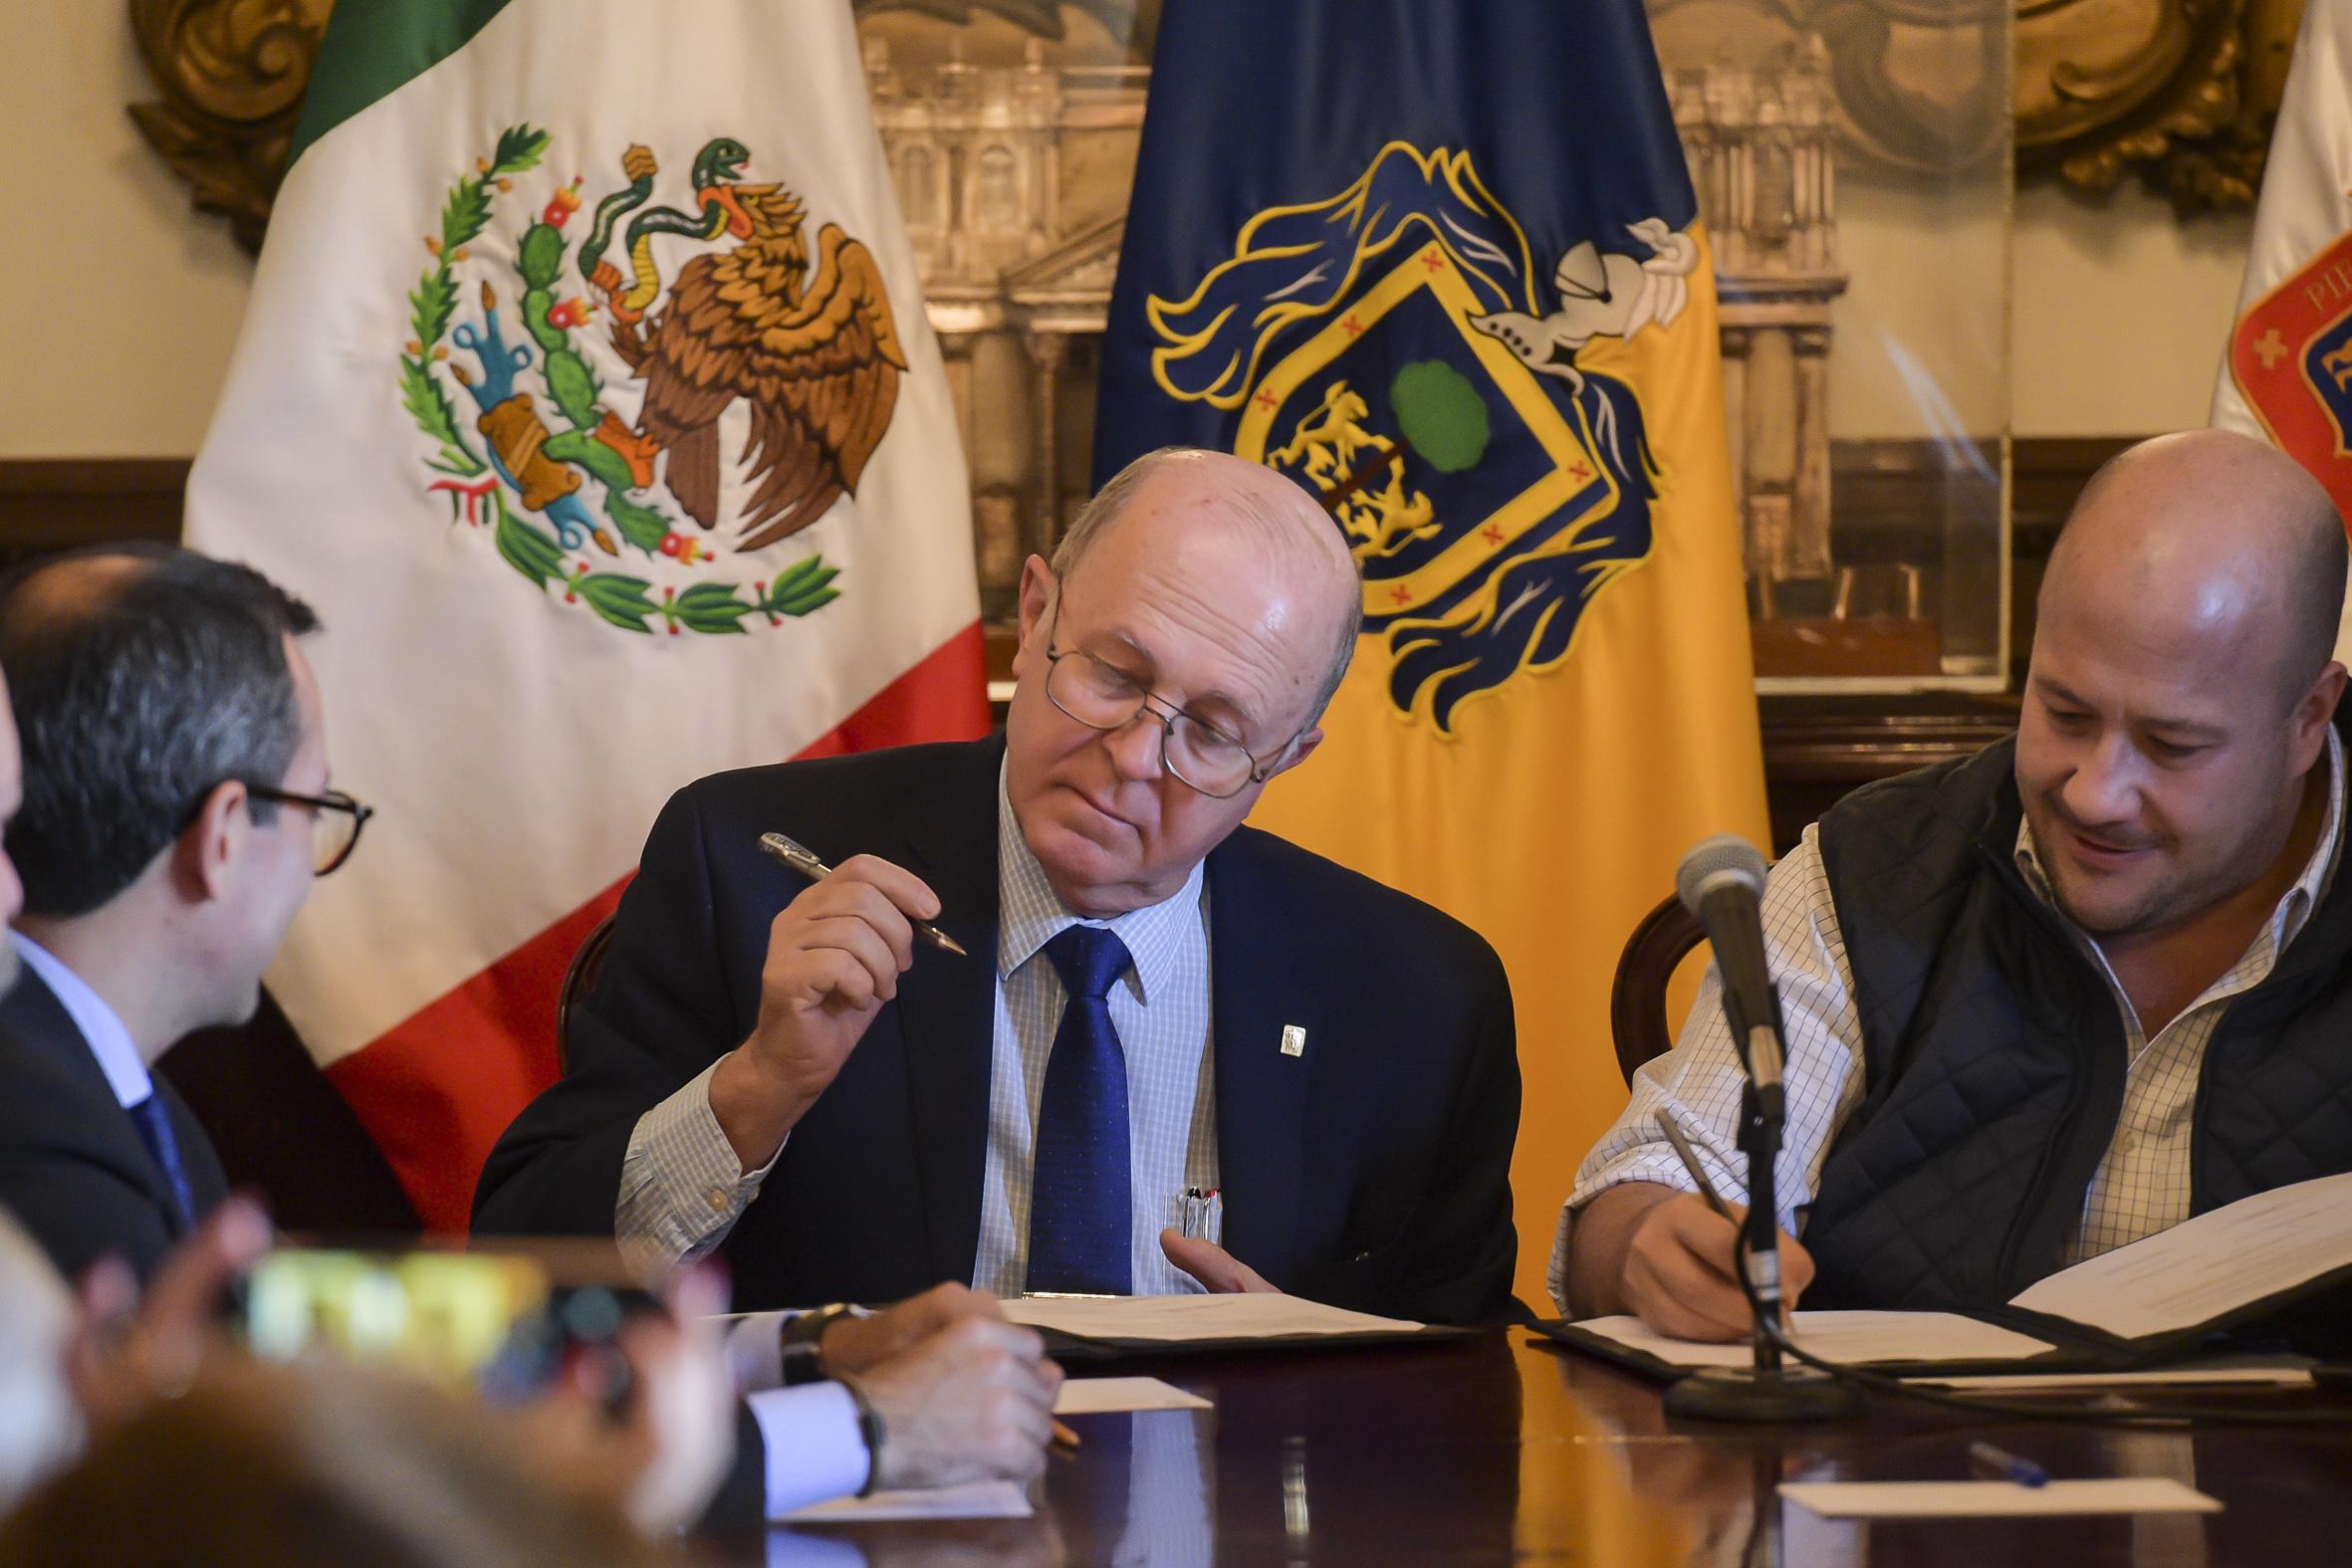 El Rector General de la UDG, el Miguel Ángel Navarro Navarro dirigio unas palabras durante el evento